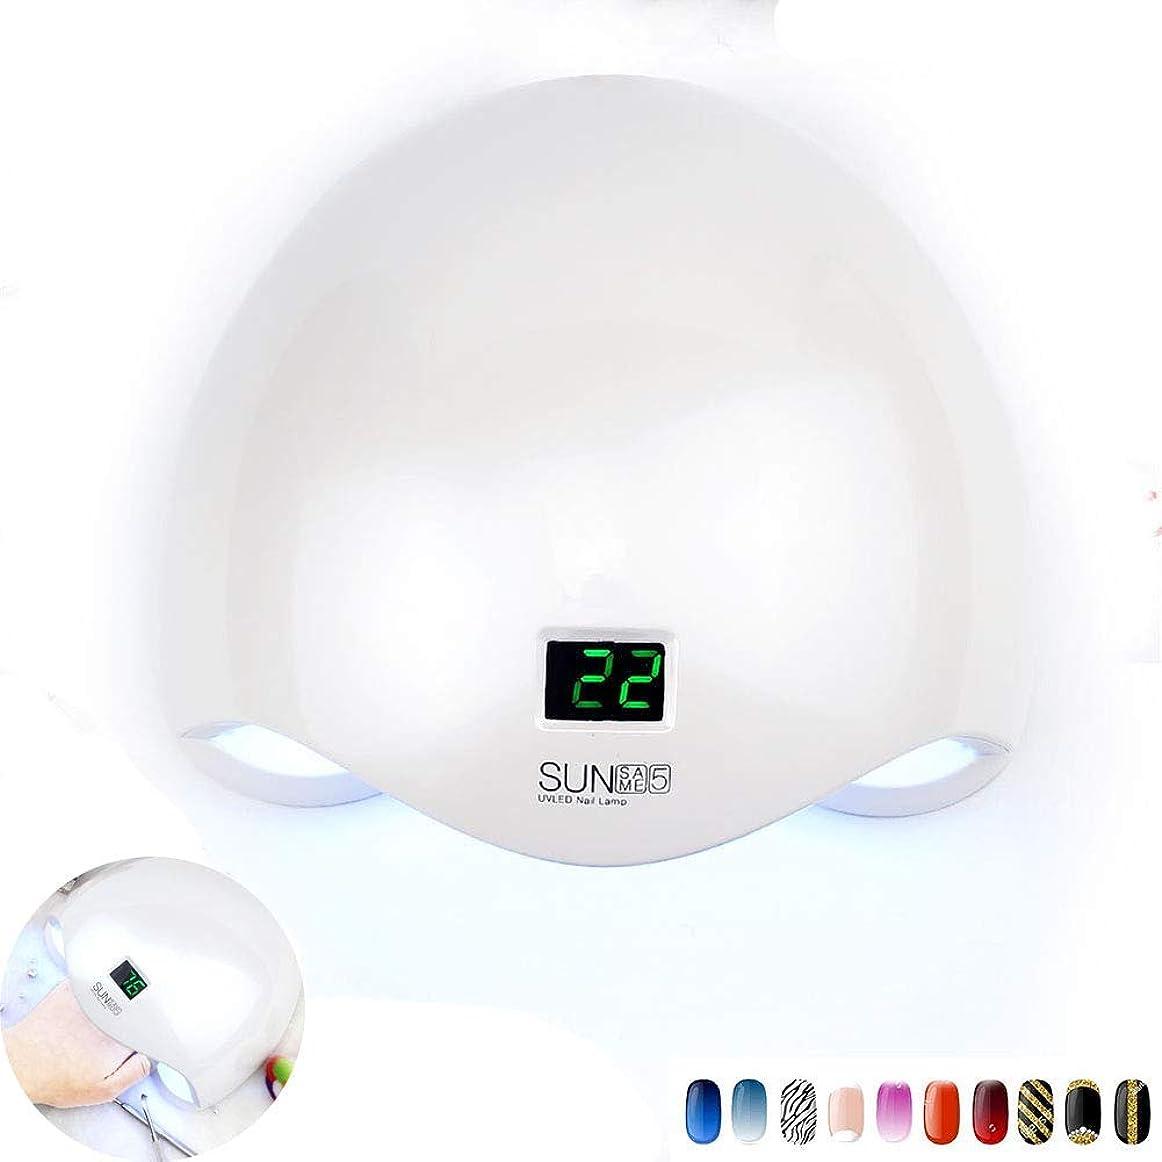 入口量汚物UV LED 48ワットネイルライトドライヤーネイルランプ付きバッテリー24 ledネイルジェルポリッシュポリッシャーマニキュア機でタイマーボタン、充電モデル